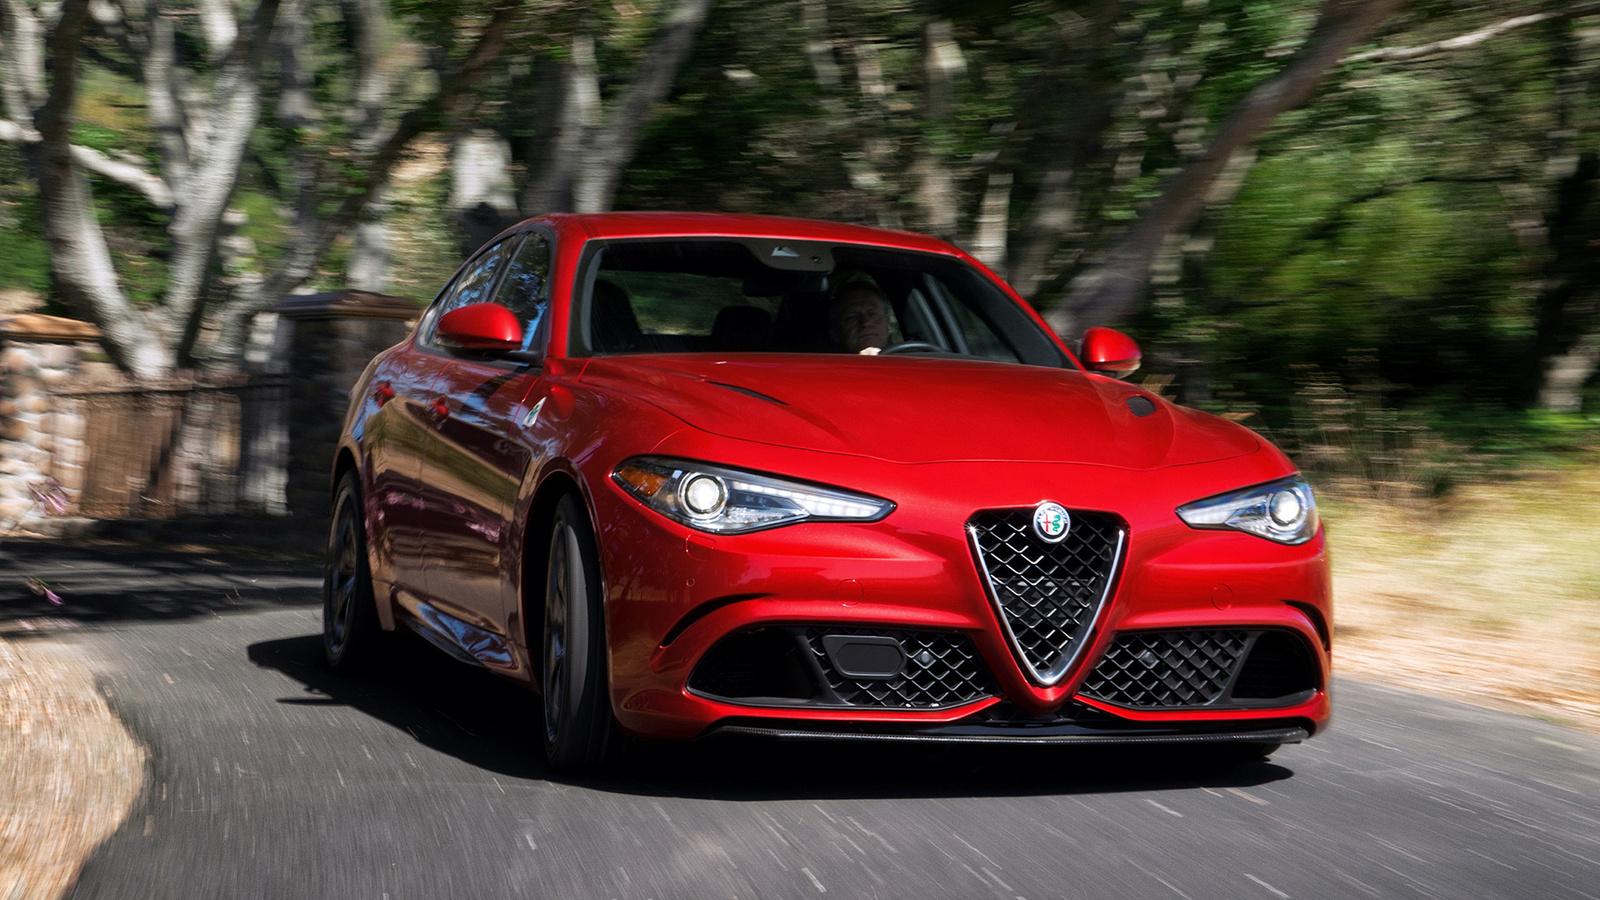 2018 Alfa Romeo Giulia  Overview  Cargurus